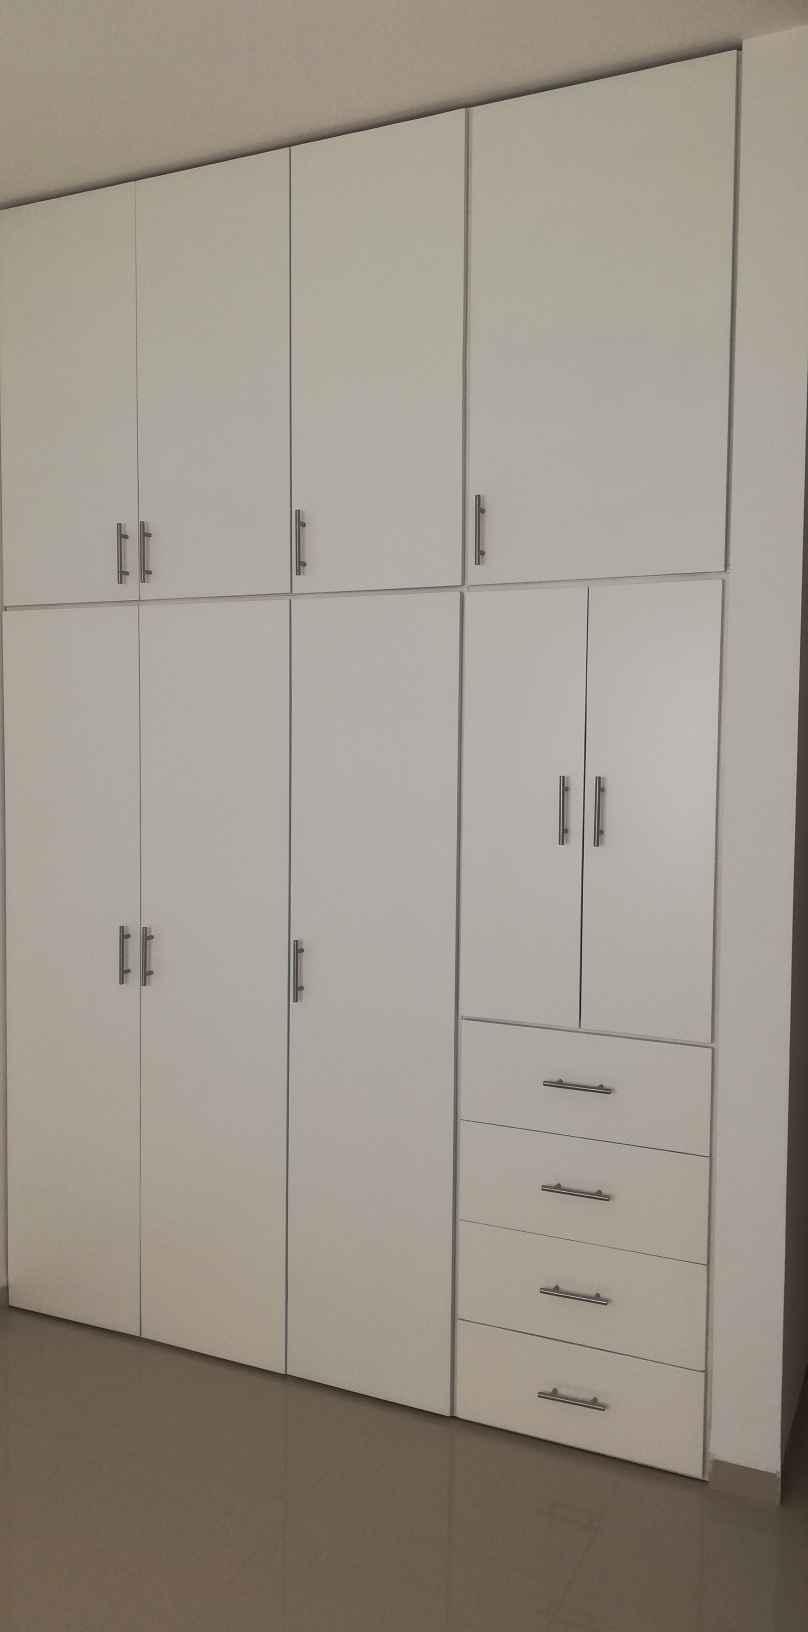 2 de 6: puertas y closets de cedro